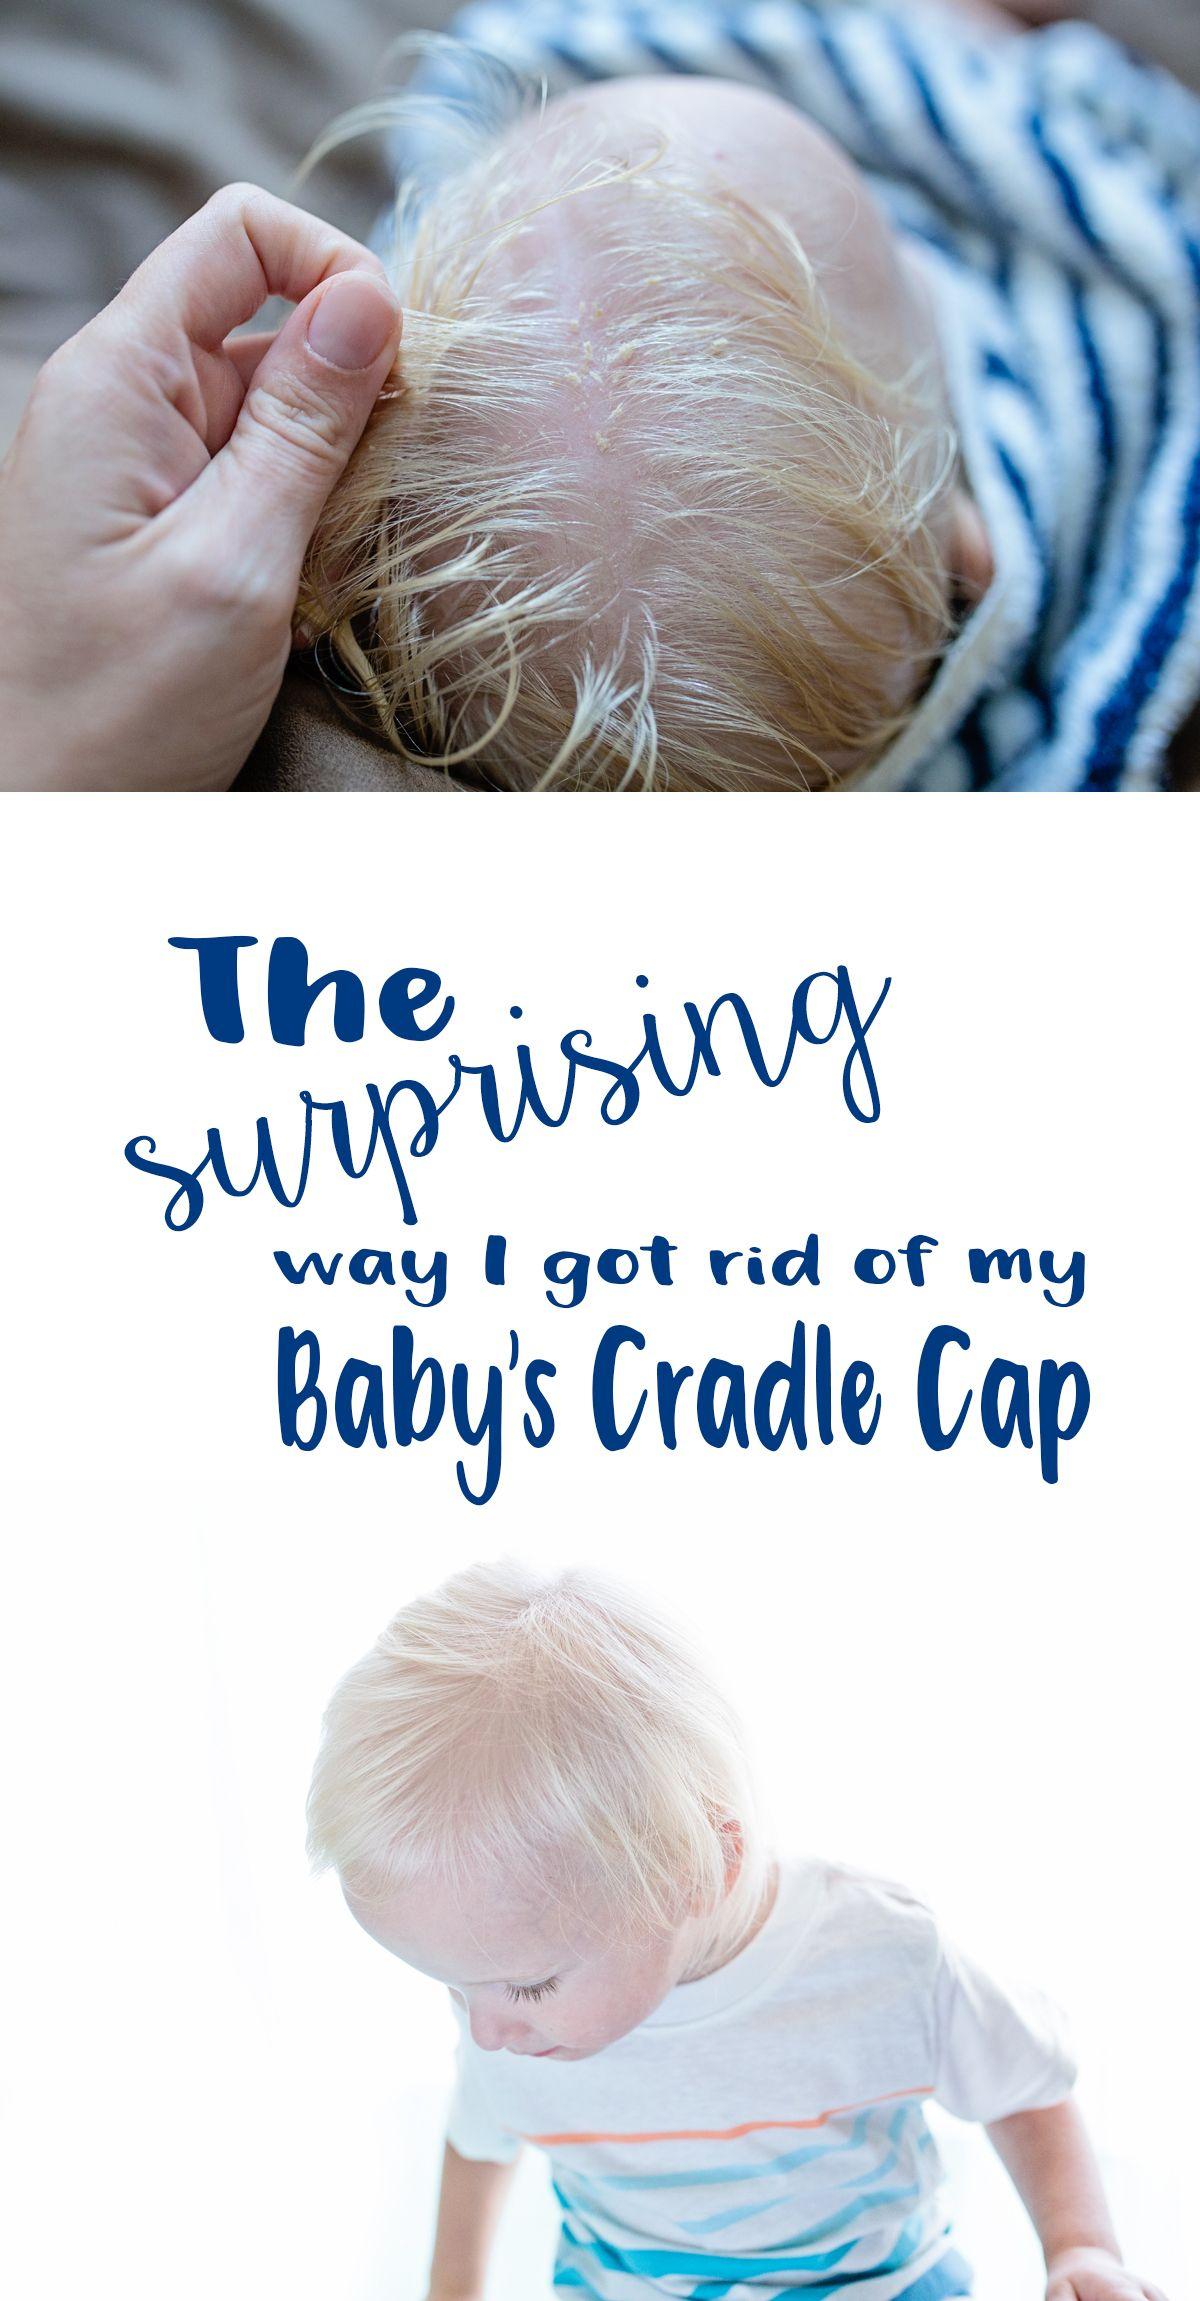 Toddler Hair Yikes Green Family Blog 2020 Baby Cradle Cap Toddler Cradle Cap Cradle Cap